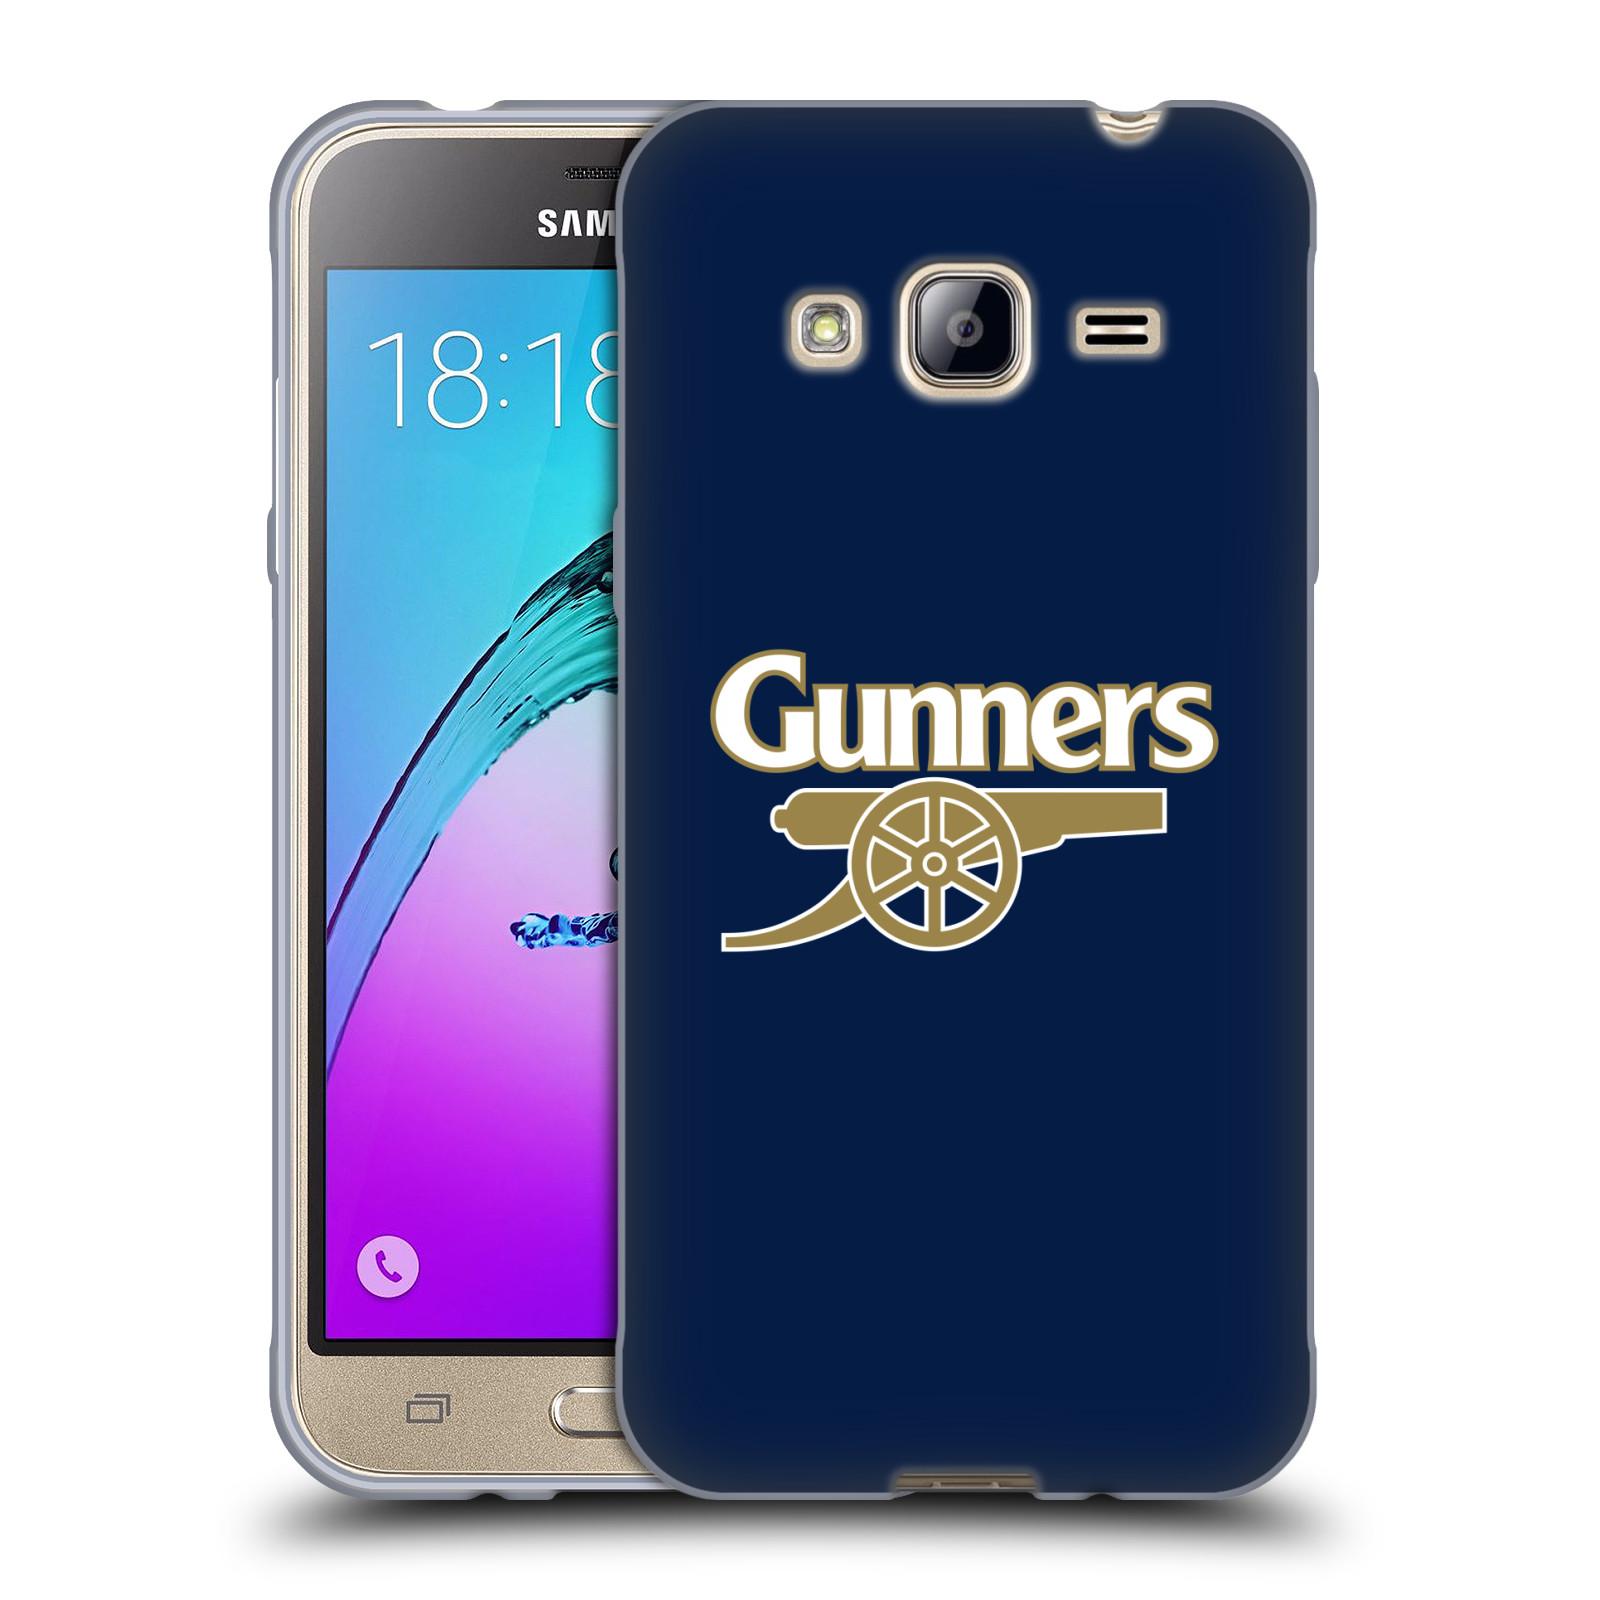 Silikonové pouzdro na mobil Samsung Galaxy J3 (2016) - Head Case - Arsenal FC - Gunners